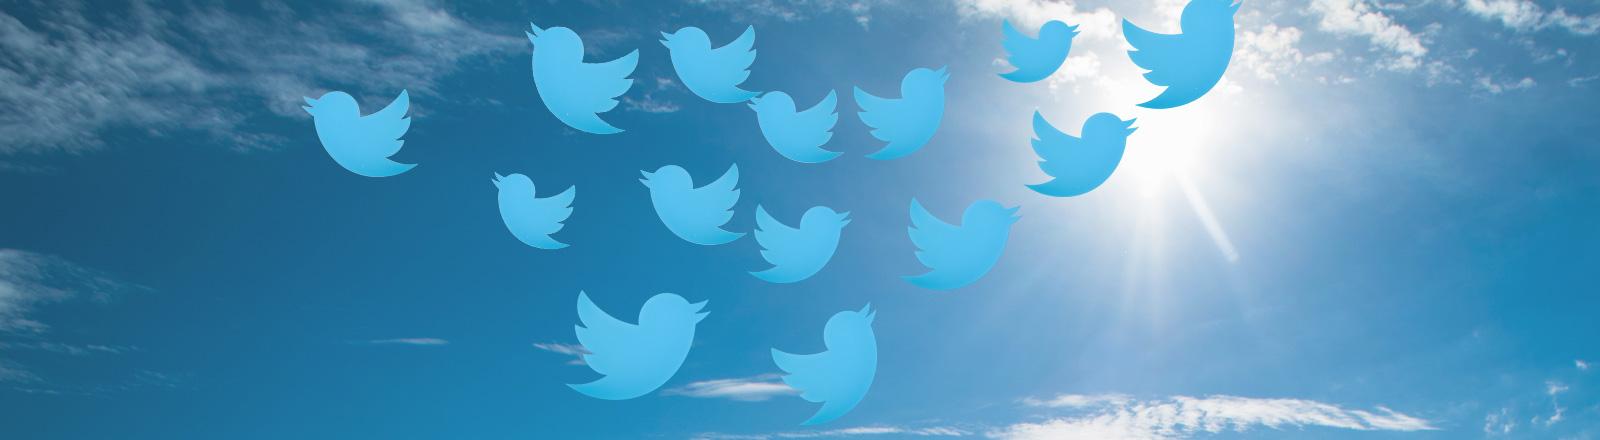 Twitter-Schwarm